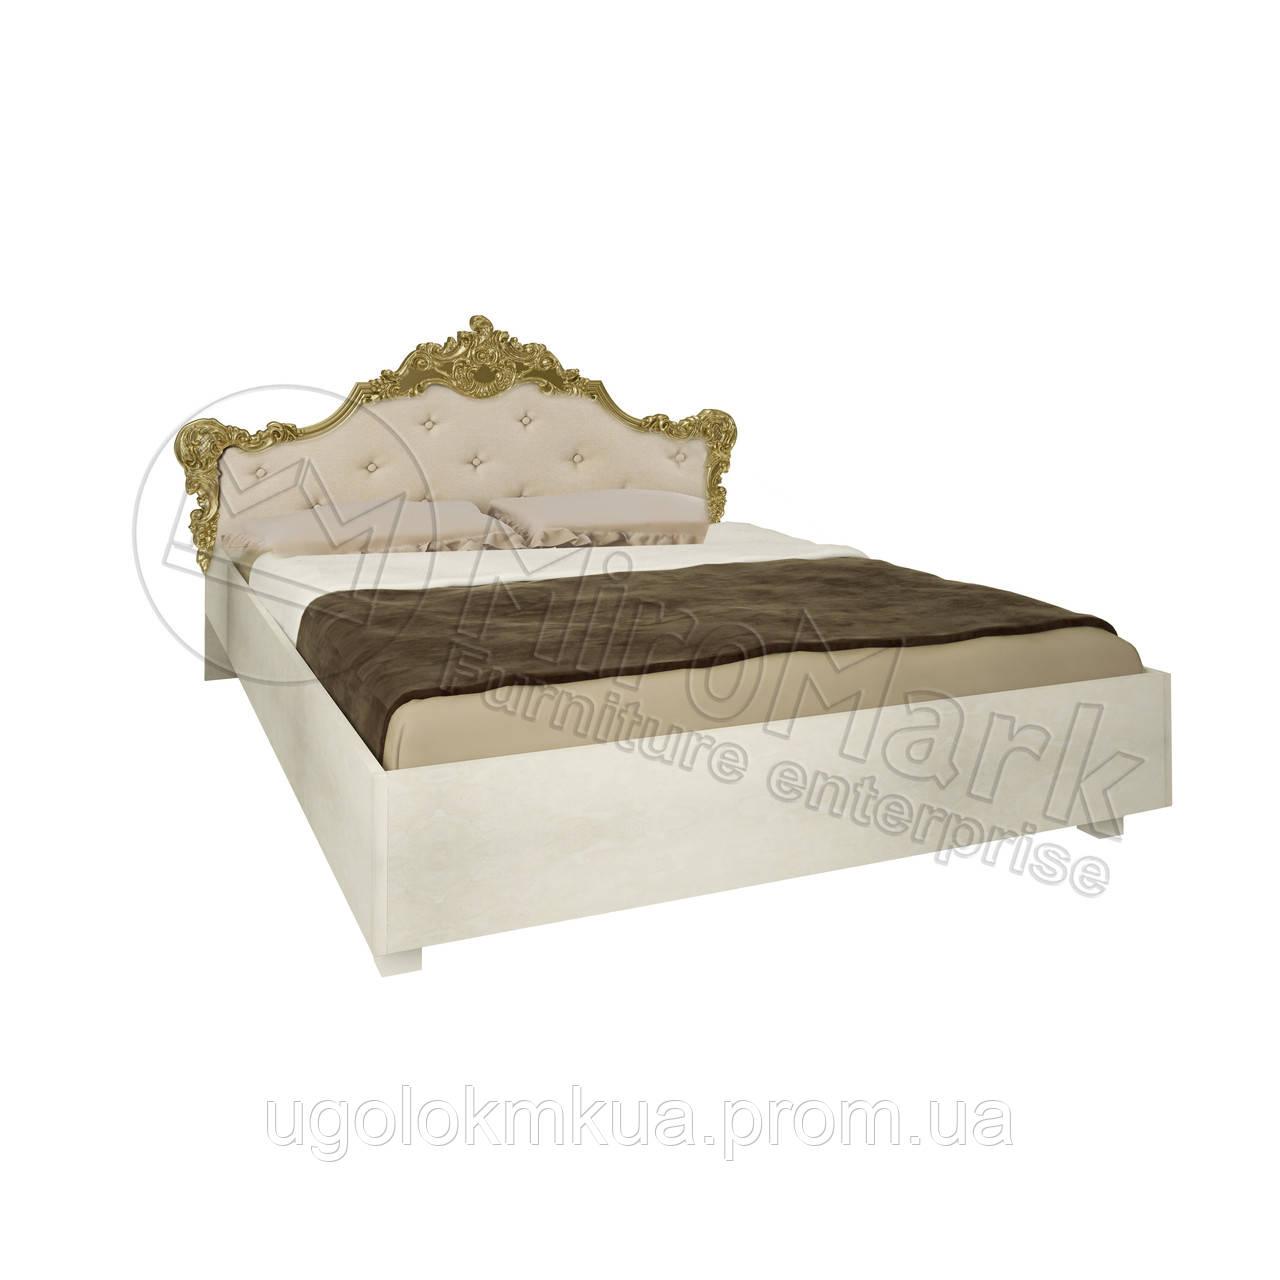 Спальня Дженифер кровать 1,80*2,00 мягкая спинка (без каркаса)